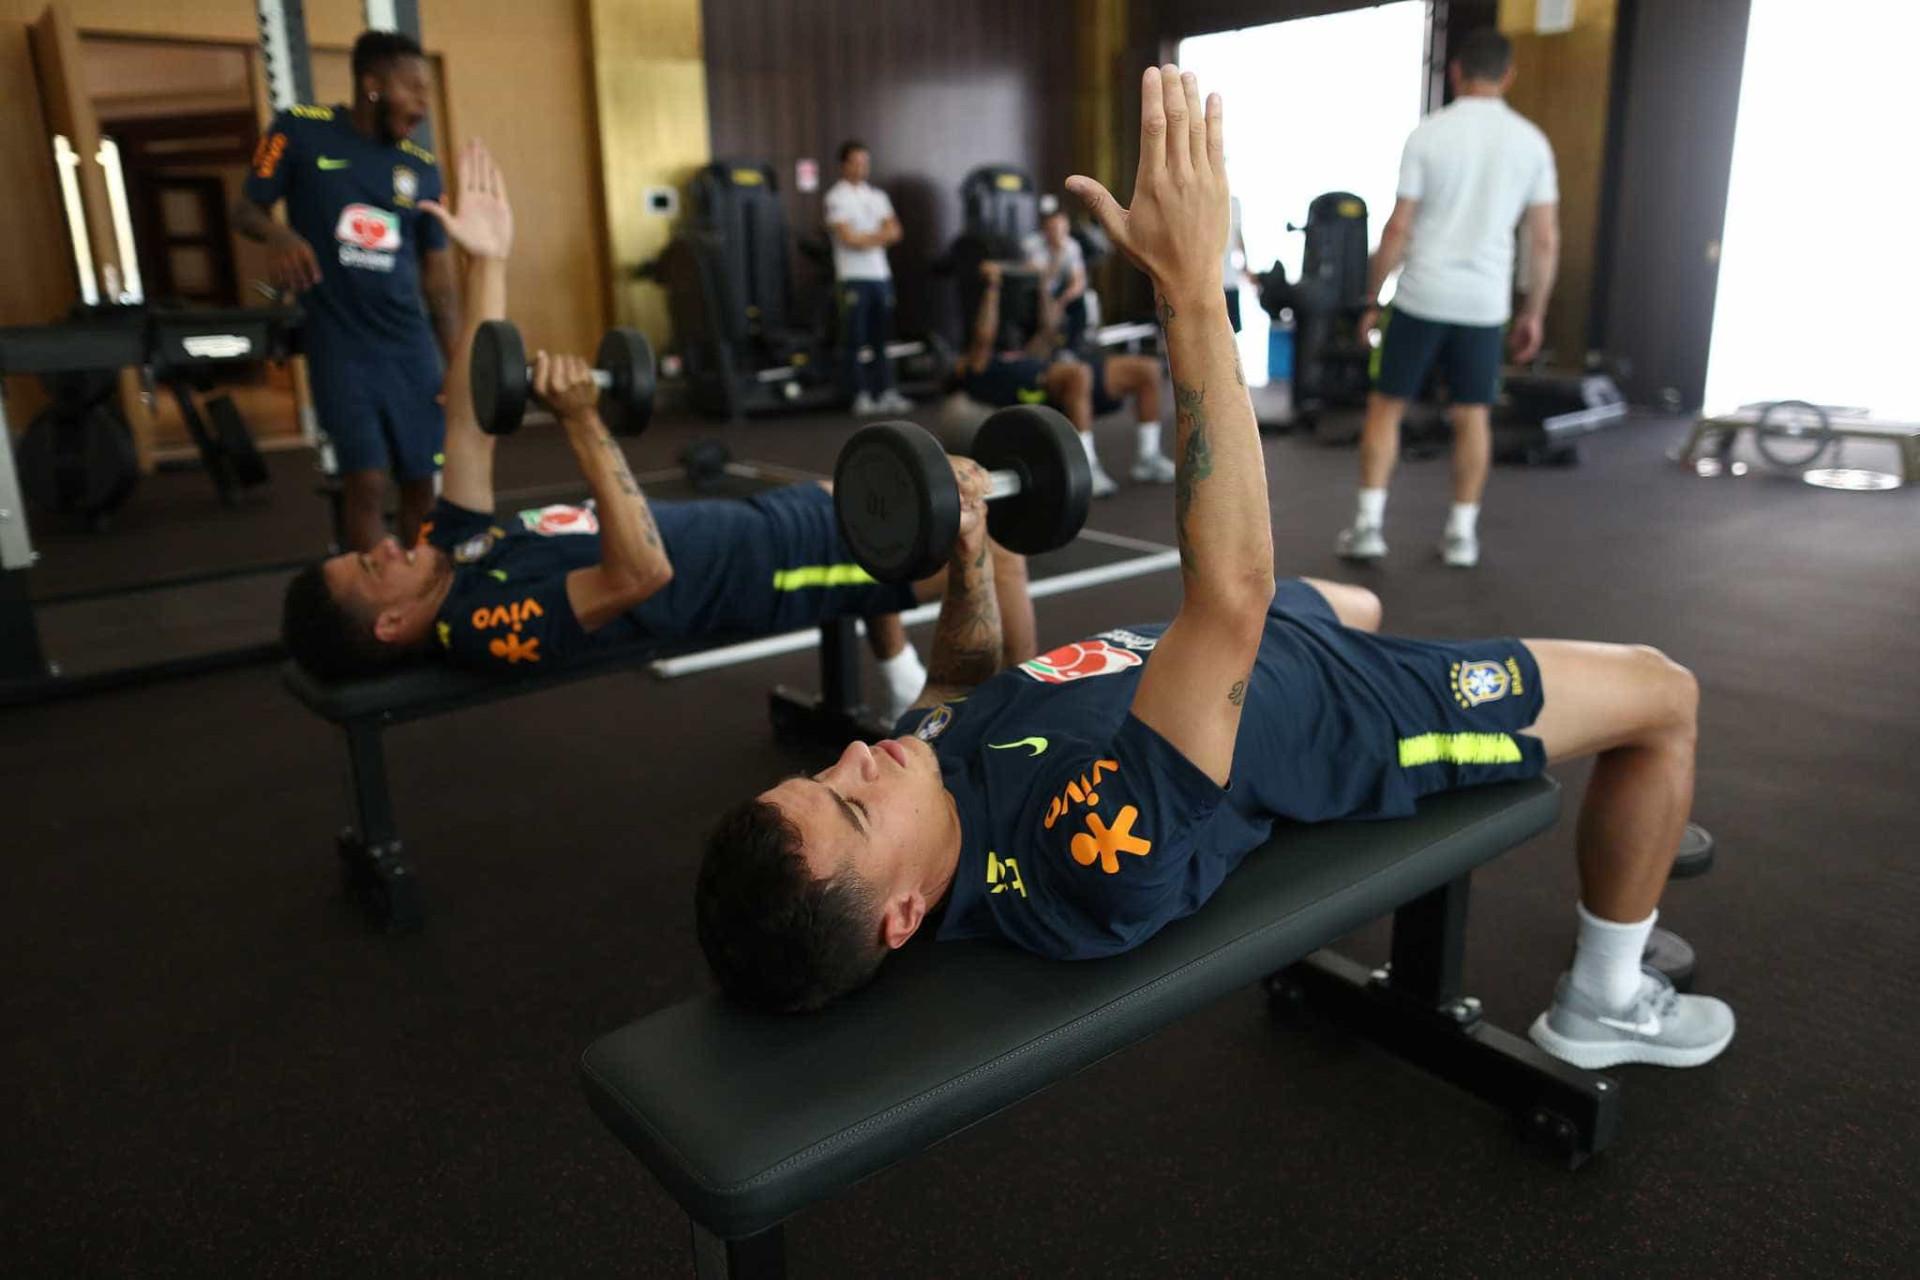 Seleção brasileira faz trabalho na academia; goleiros vão a campo